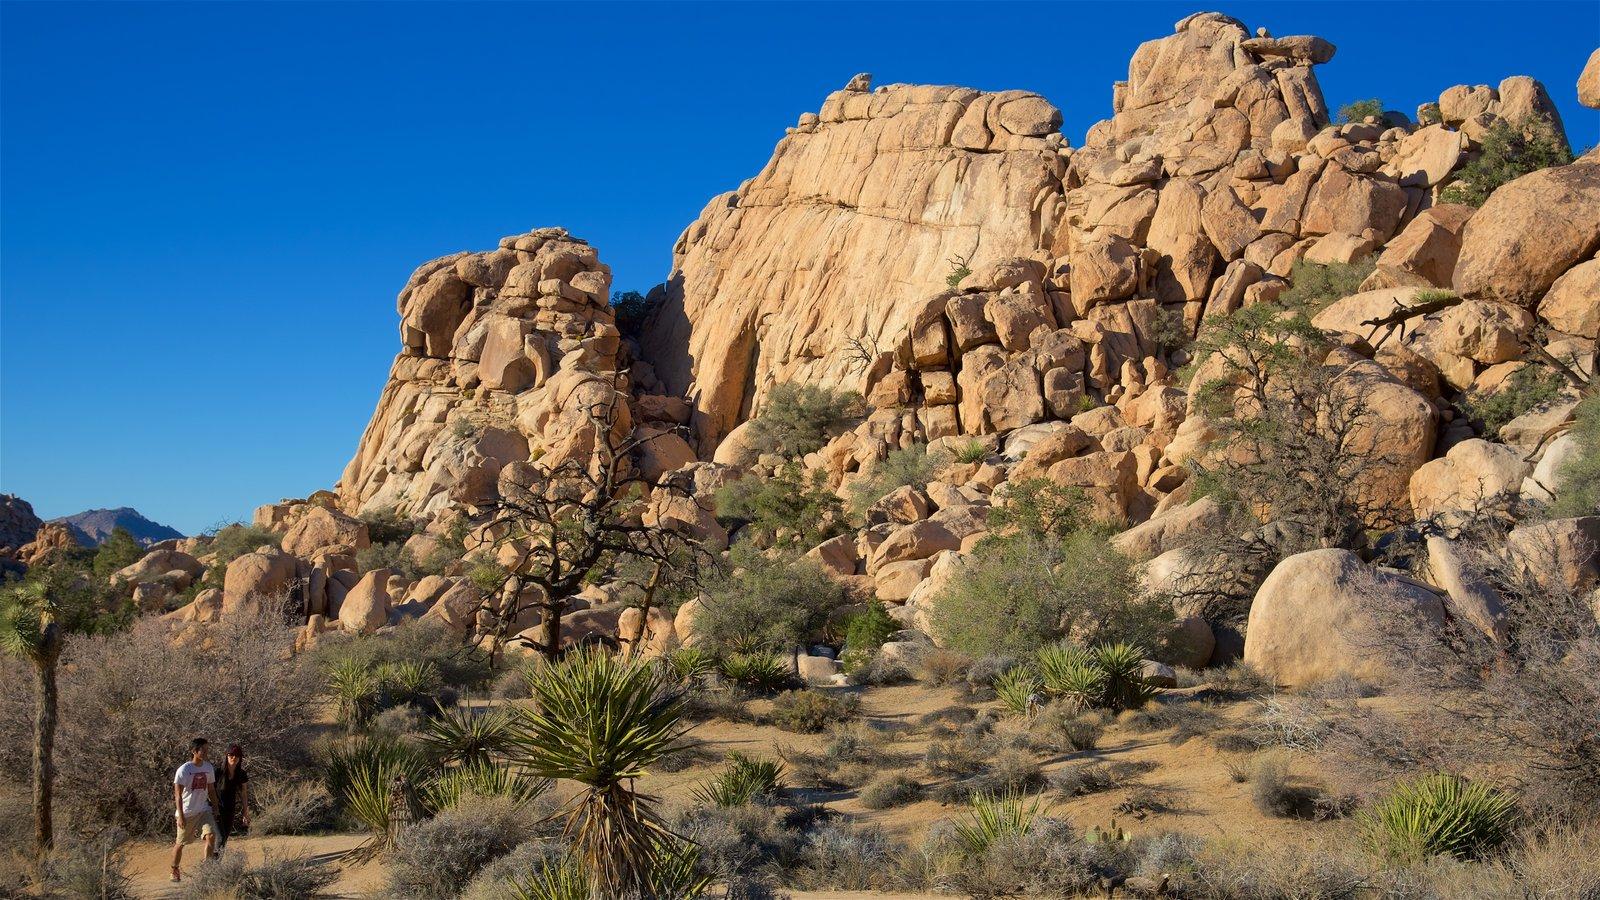 Condado de Riverside mostrando escenas tranquilas y vistas al desierto